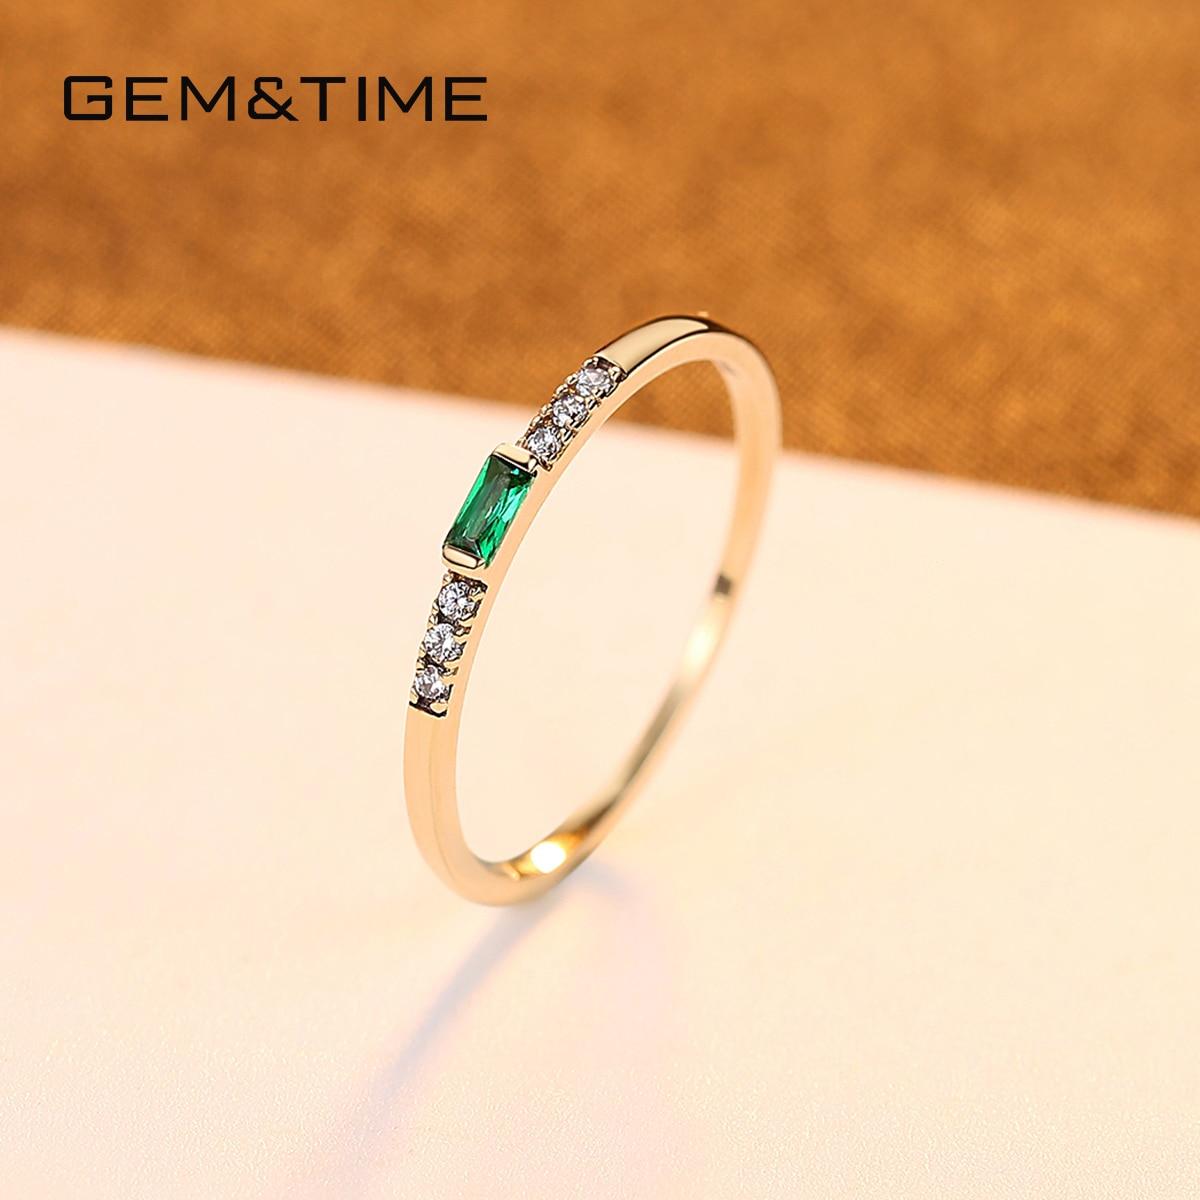 Gem & Time luxe réel 14k or anneaux émeraude pierres précieuses anneaux pour femmes fiançailles alliance or jaune 585 Fine bijoux R14140 - 4